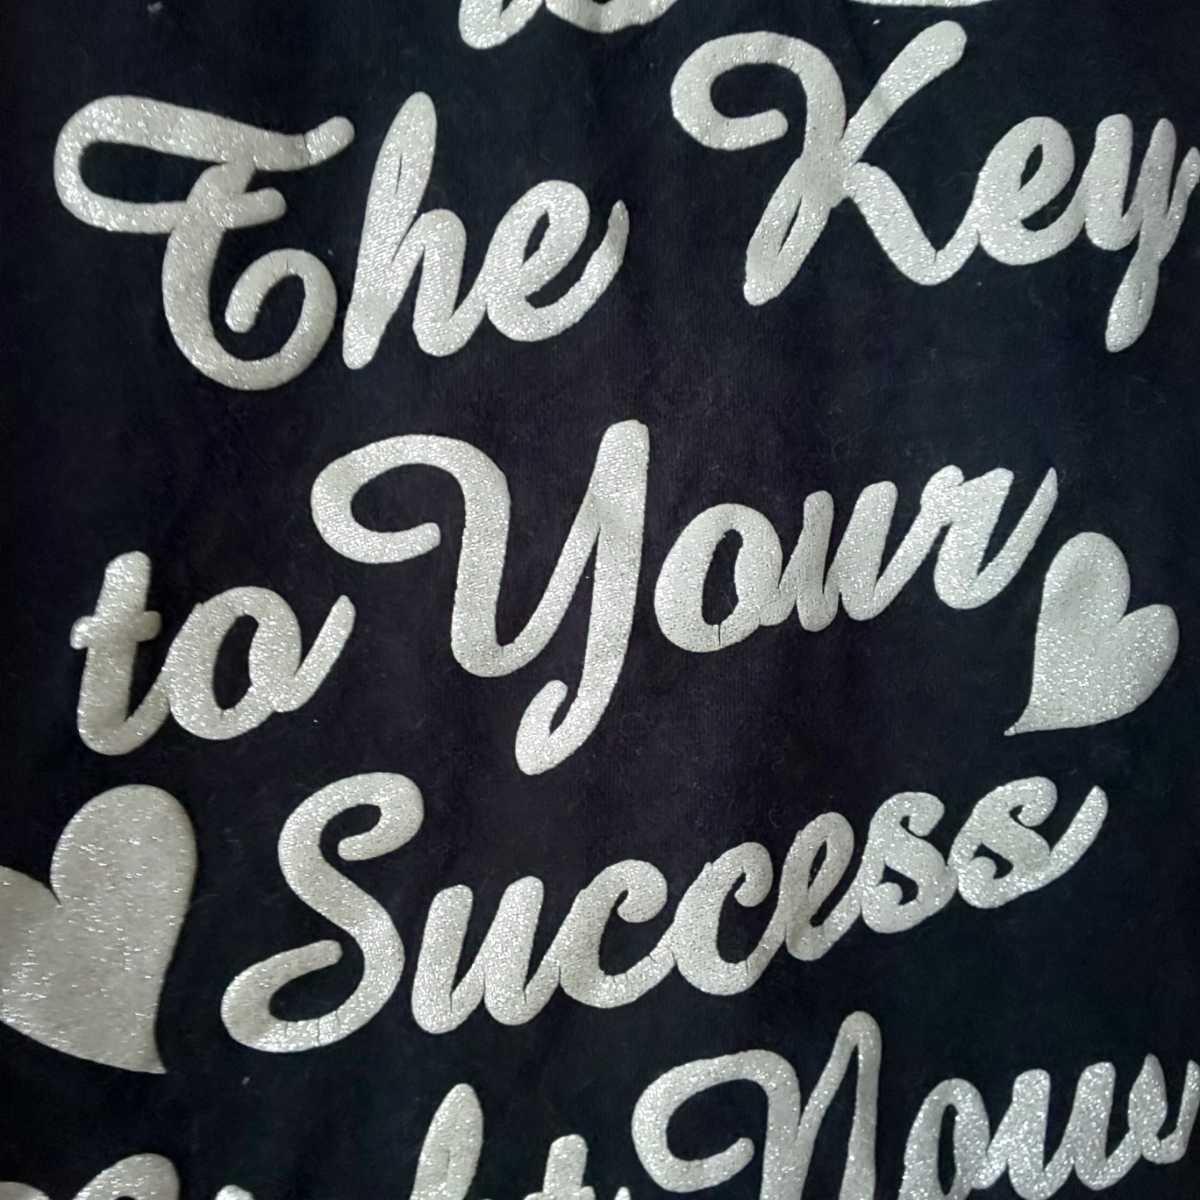 1円スタート! 100cm 半袖Tシャツ キッズ 女の子 保育園 幼稚園 私服 洗い替え 黒 ブラック ロゴT akichan7777jp_画像5